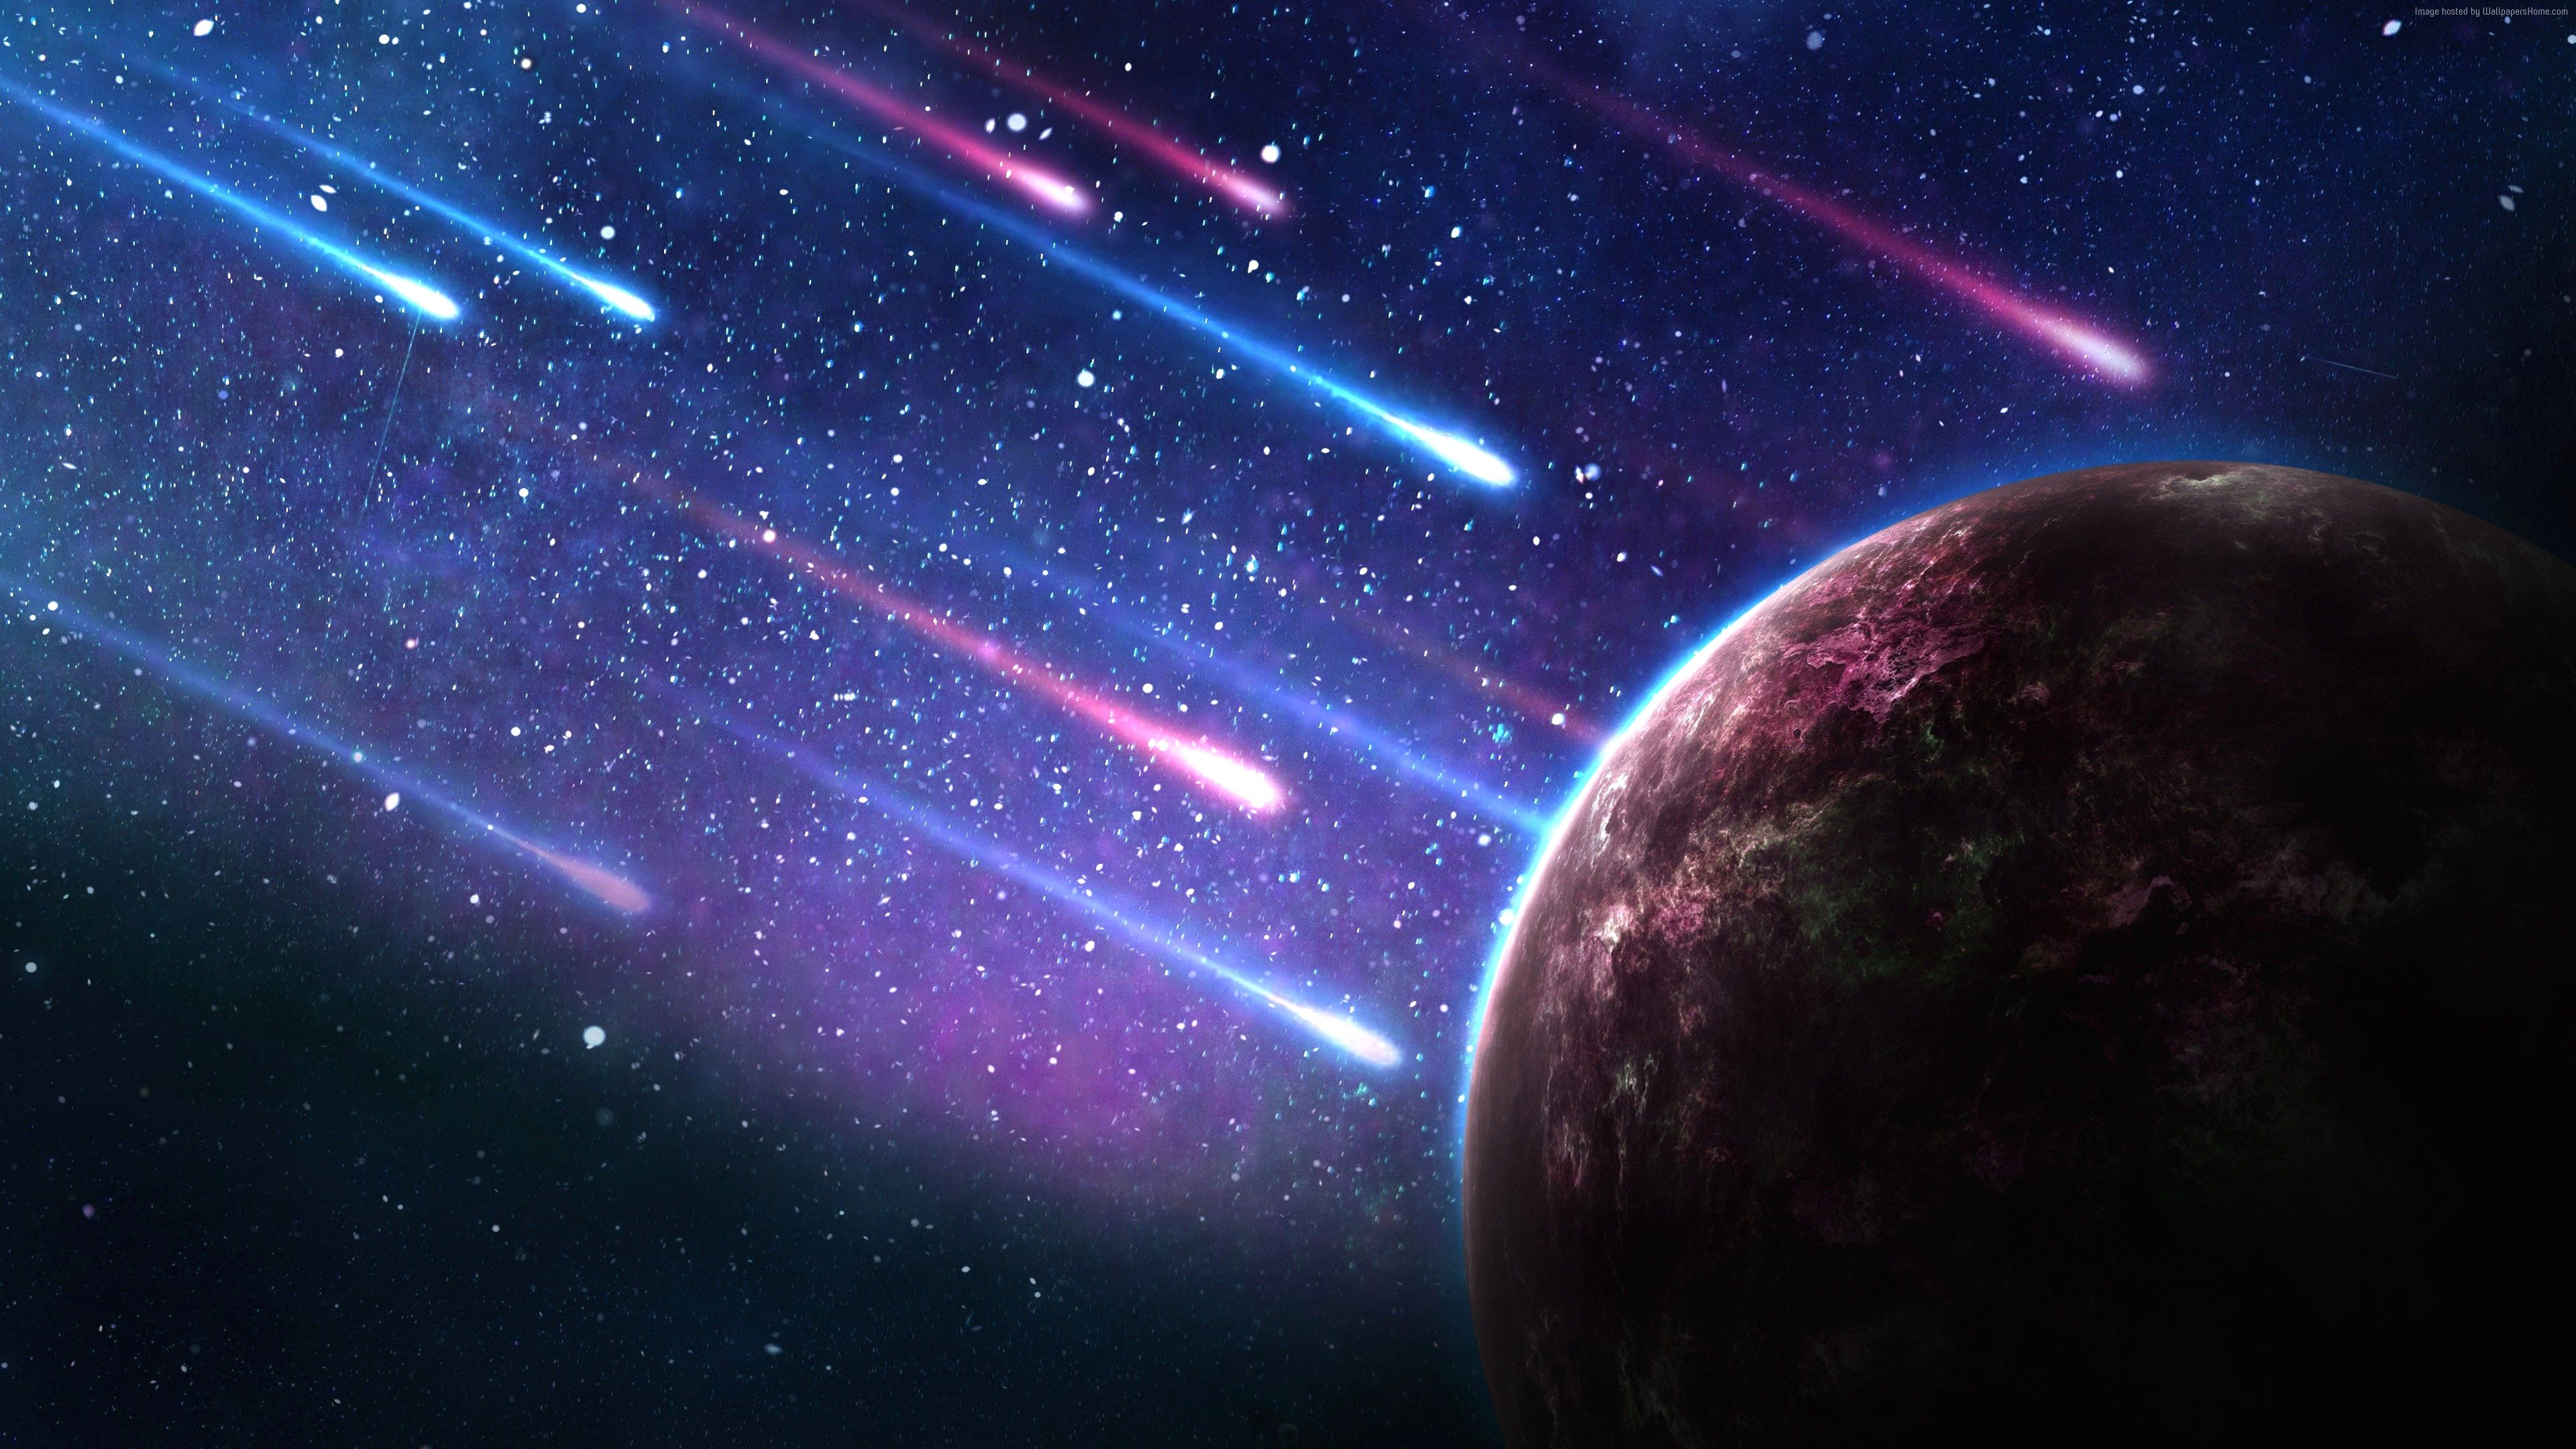 4k Wallpaper Space Download Gallery Di 2020 Galaxy Wallpaper Hujan Meteor Langit Malam